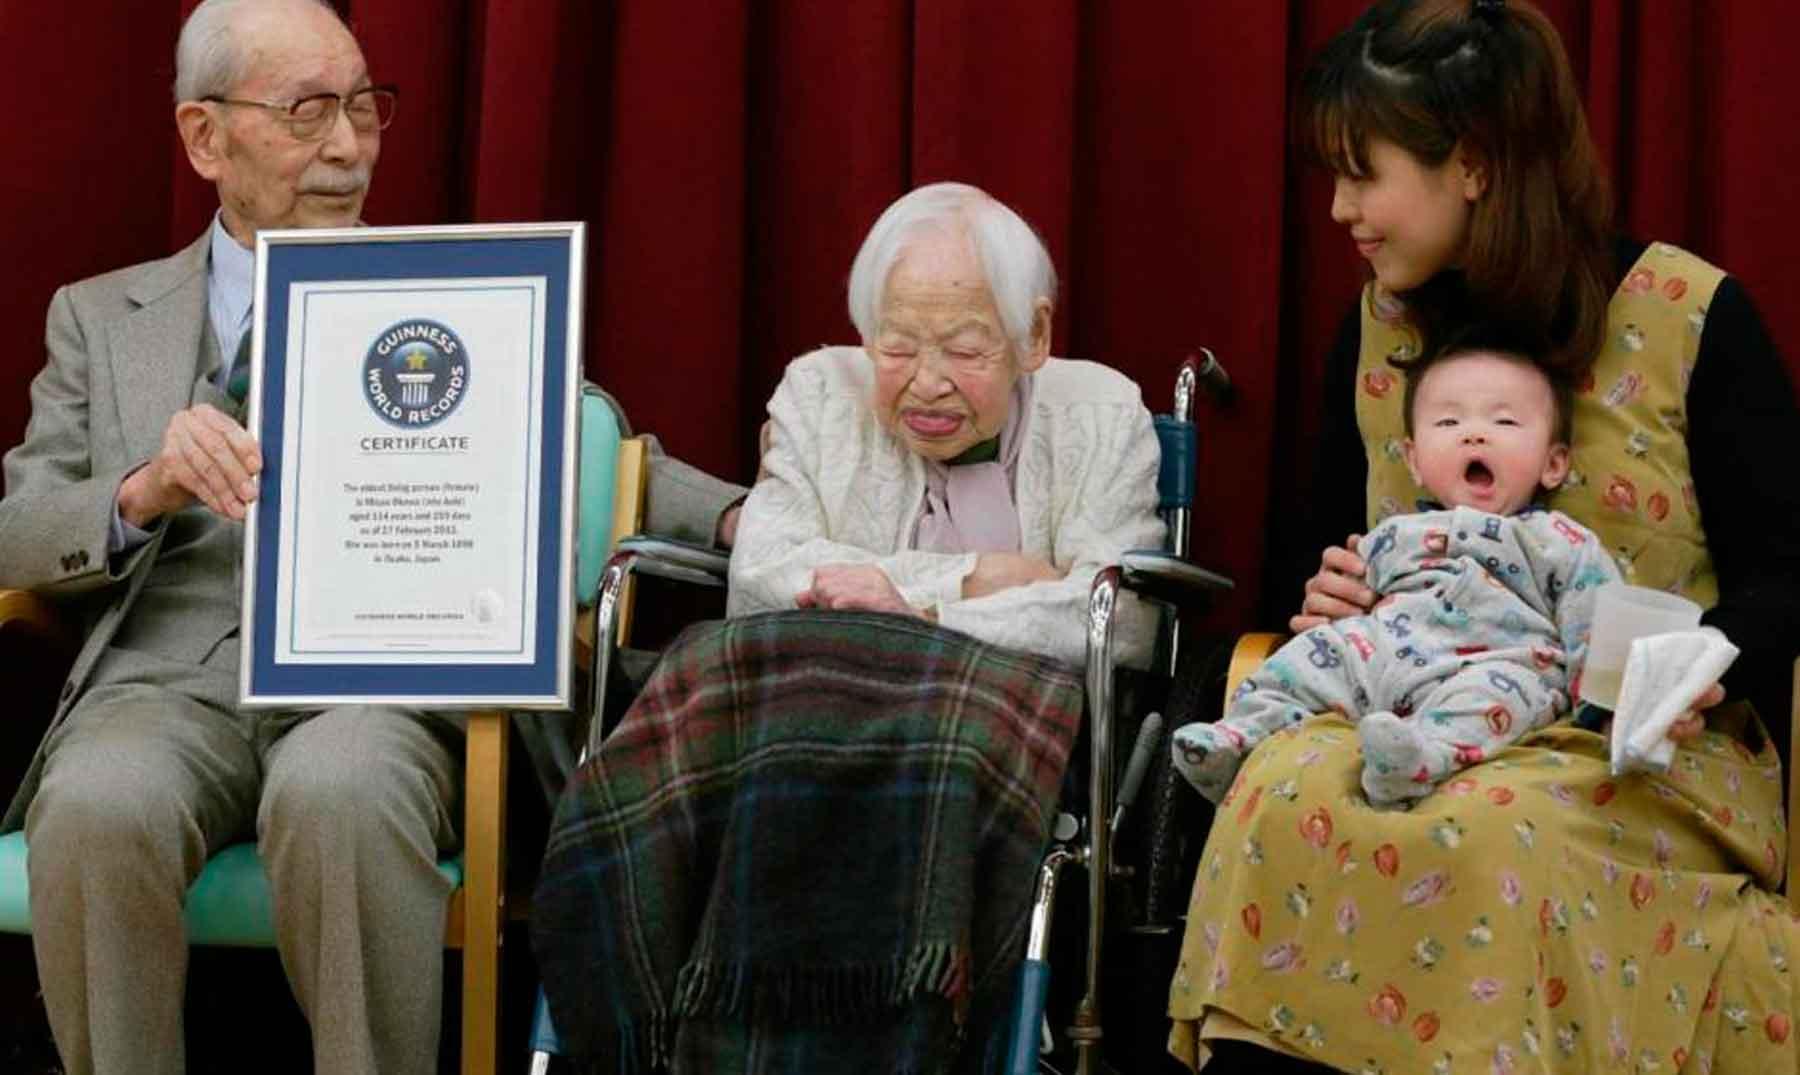 La mujer más vieja del mundo: 117 años